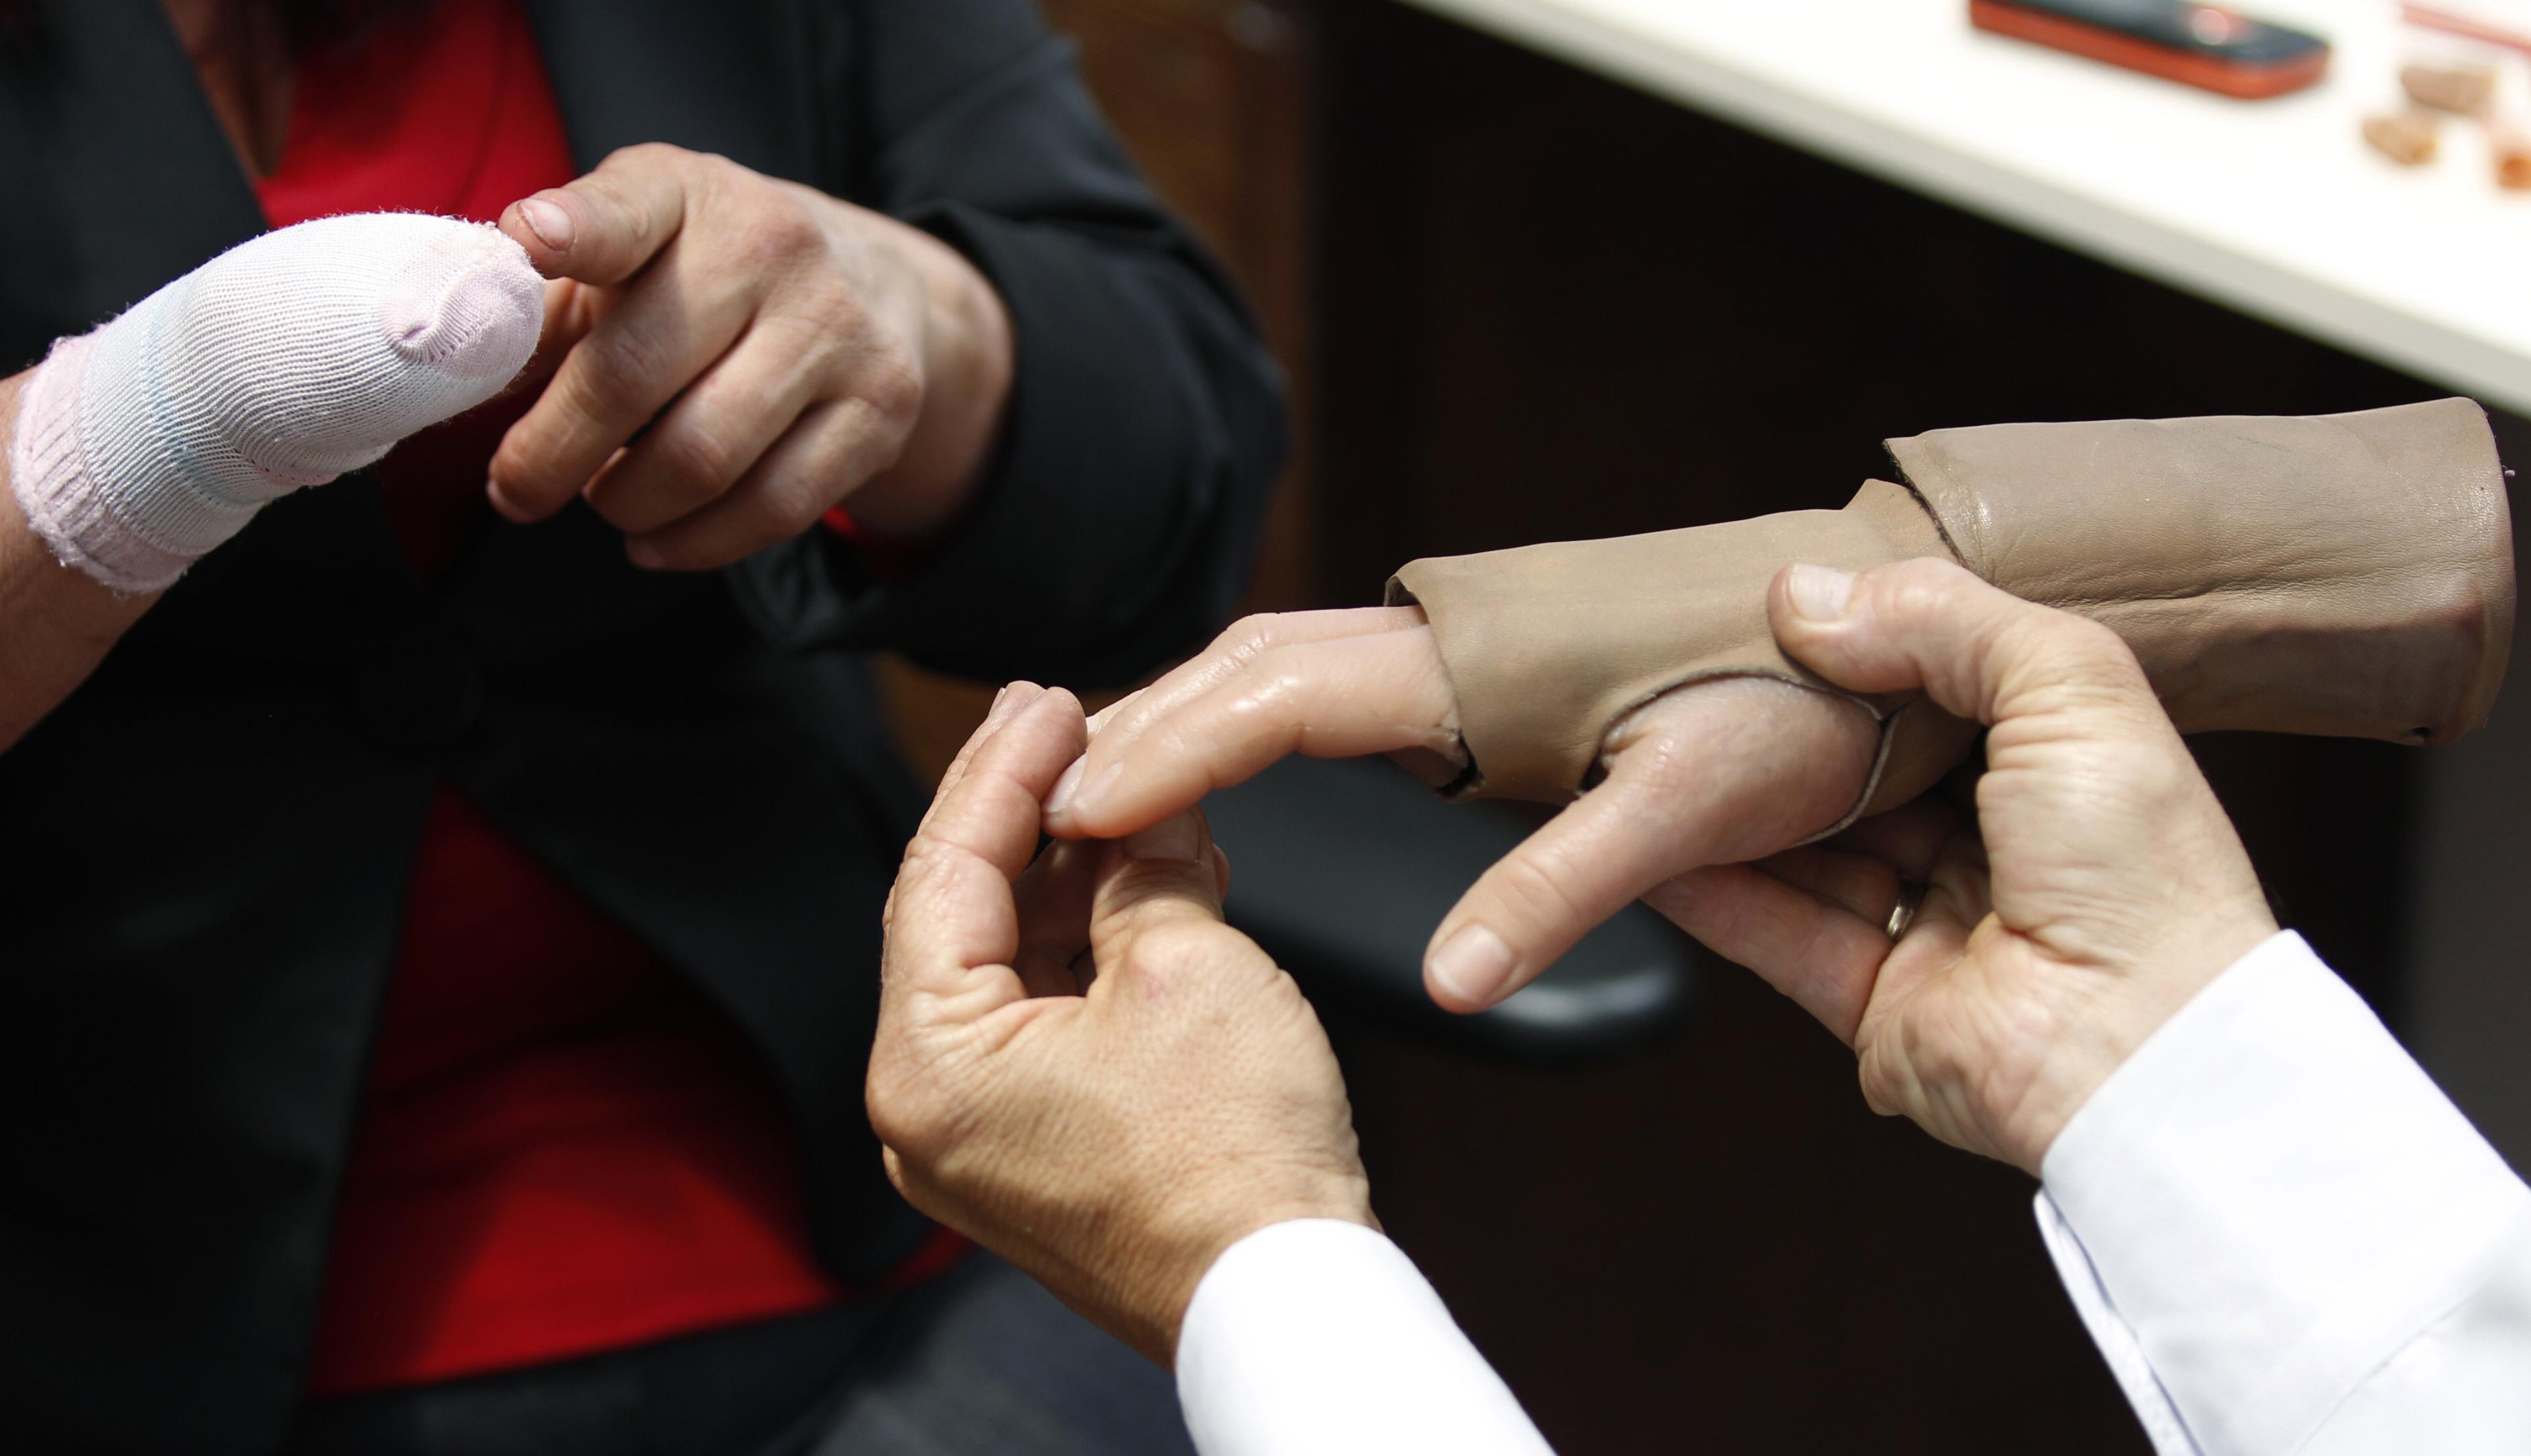 Deux mains qui tiennent une prothèse de main pour la placer sur un moignon (© AP Images)